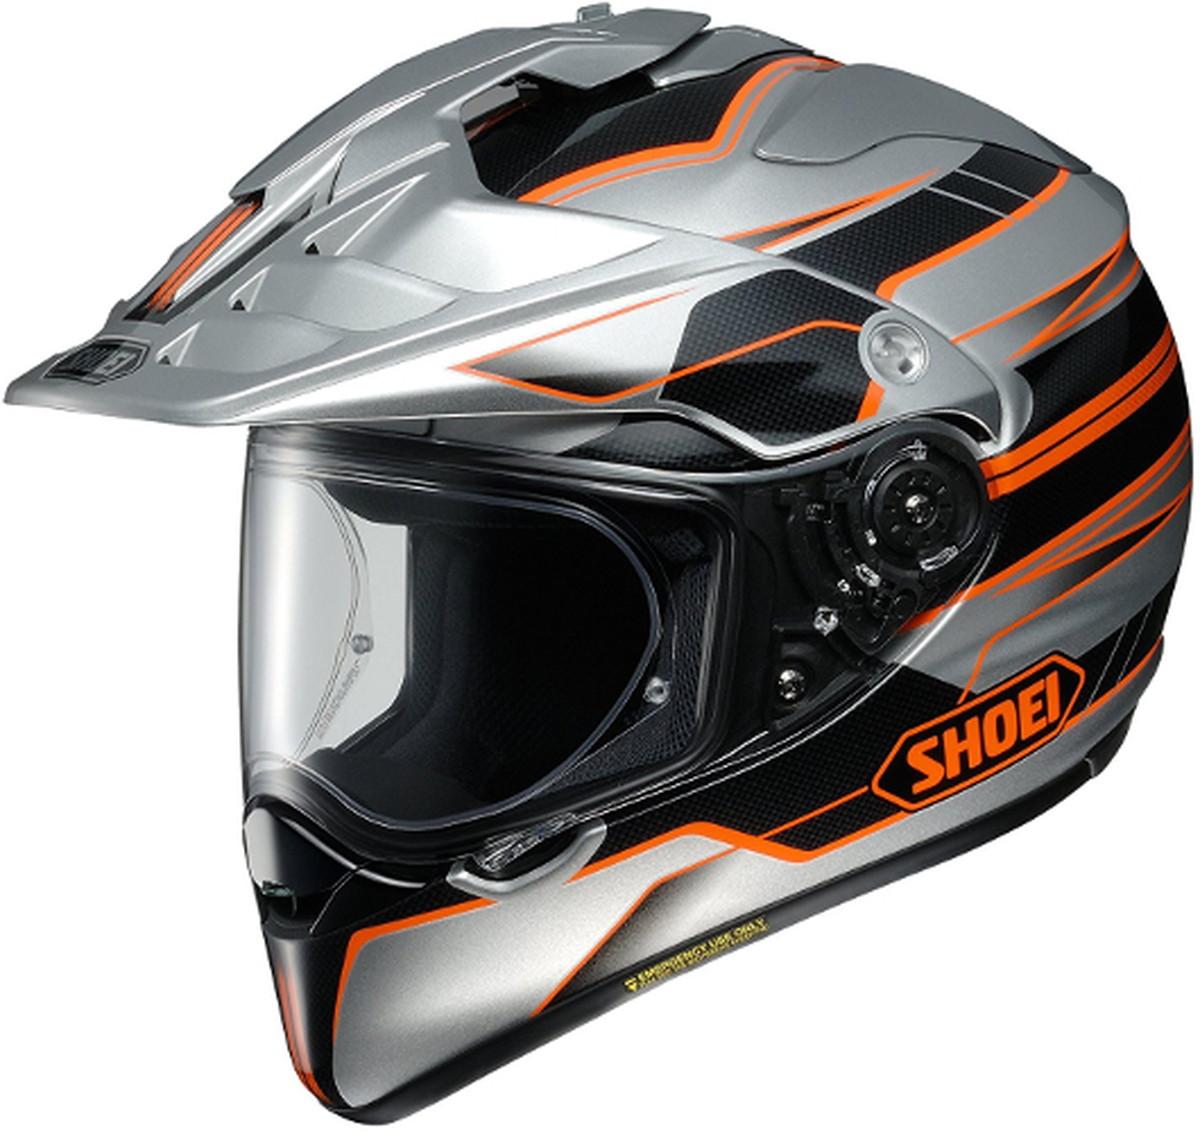 【動画あり】 SHOEI オフロードヘルメット HORNET ADV NAVIGATE (ナビケート) TC-8 Sサイズ